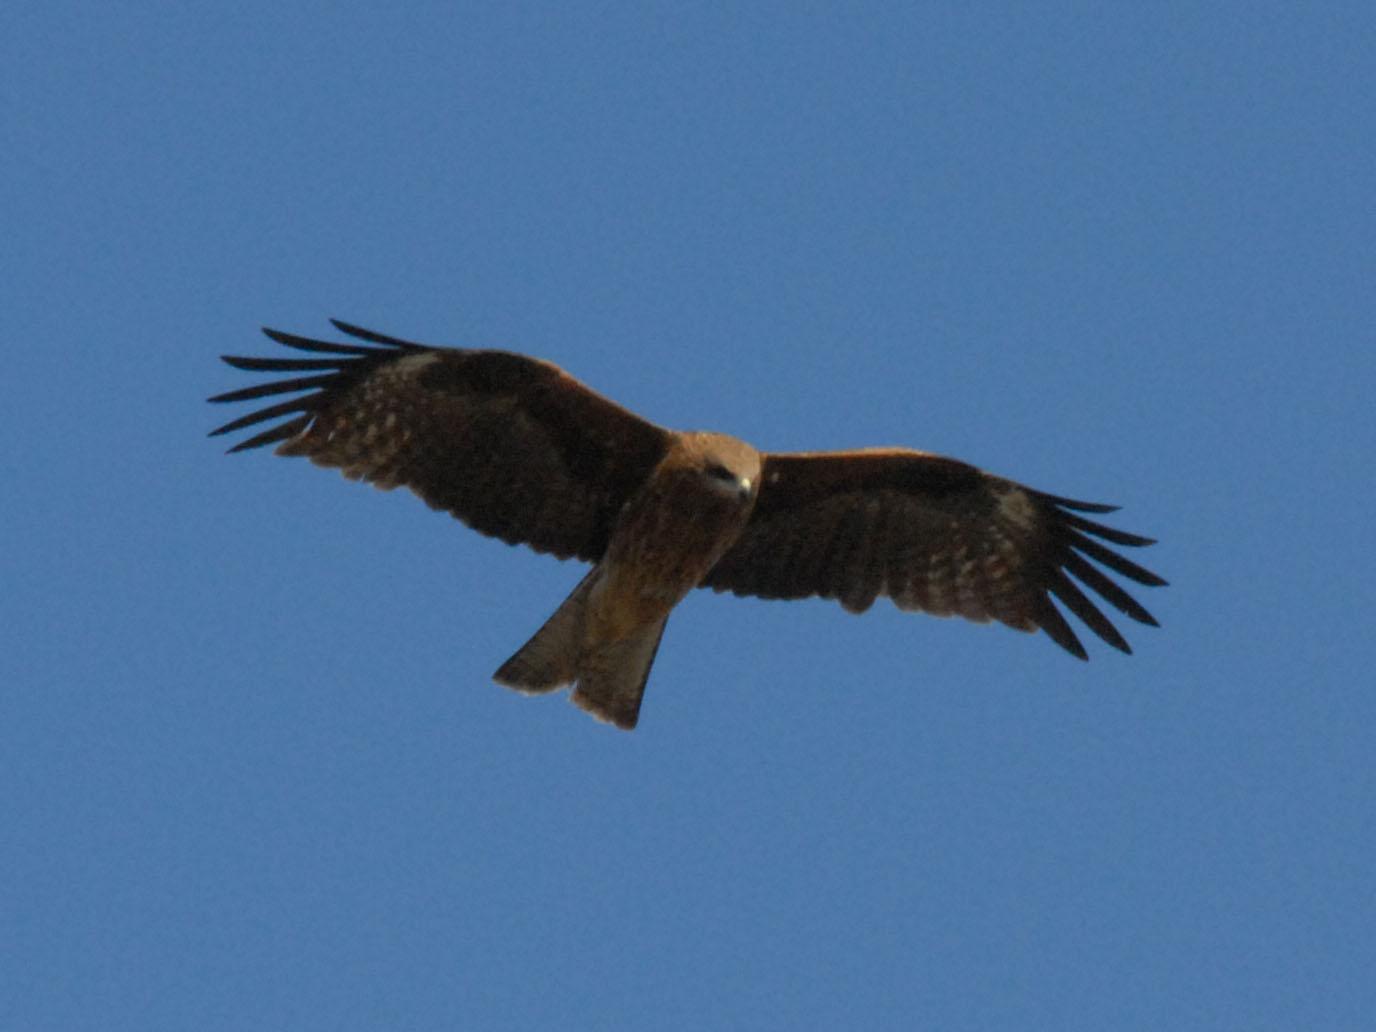 目標達成をはばむ障害は「鳥の目」で乗り越える